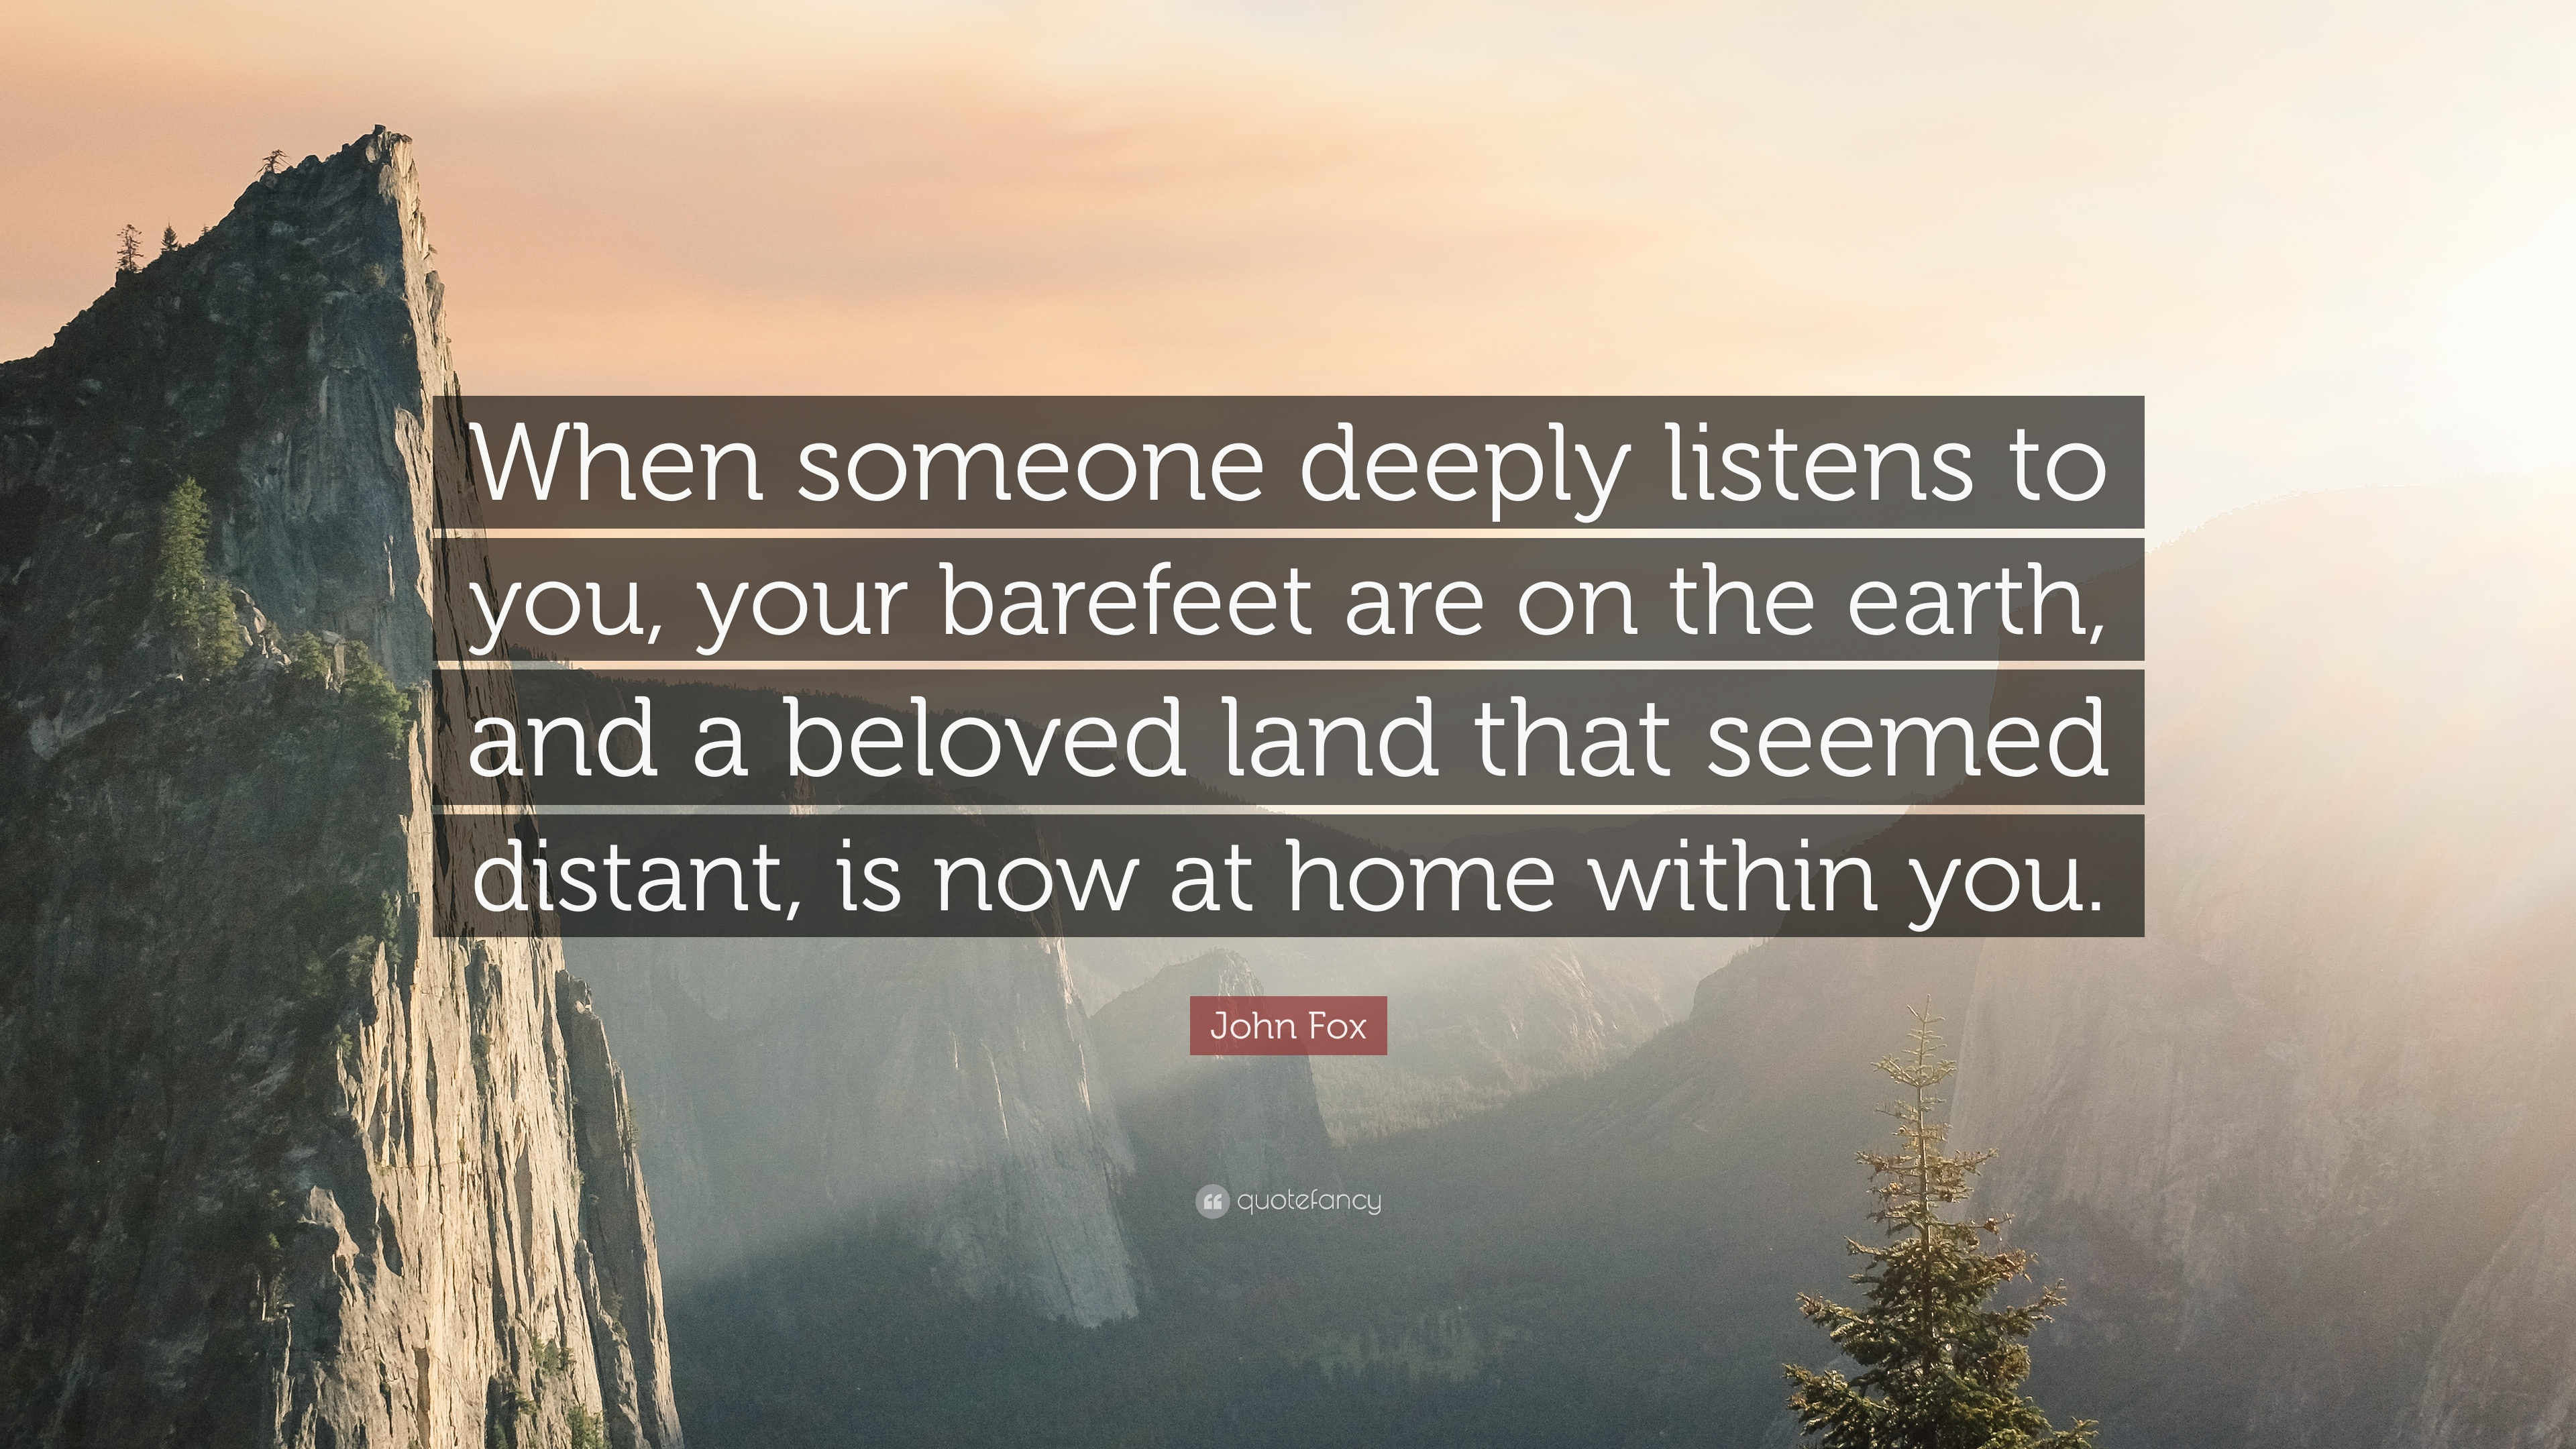 John Fox Quotes 2 Wallpapers Quotefancy